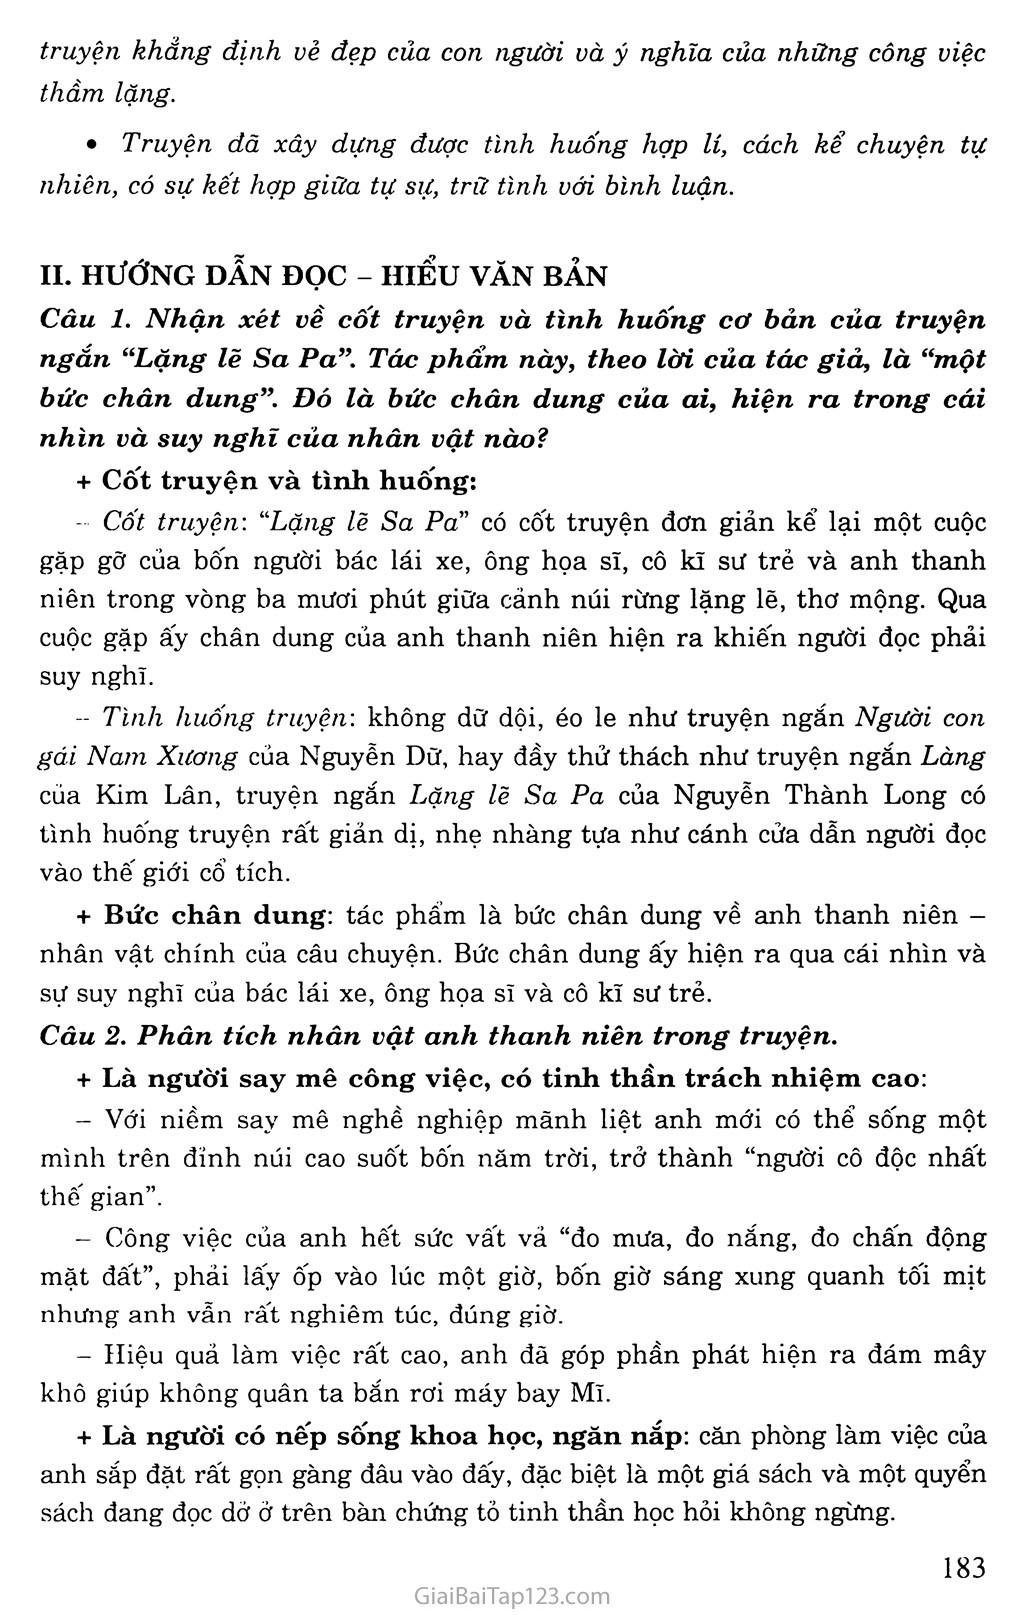 Lặng lẽ Sa Pa (trích) trang 2